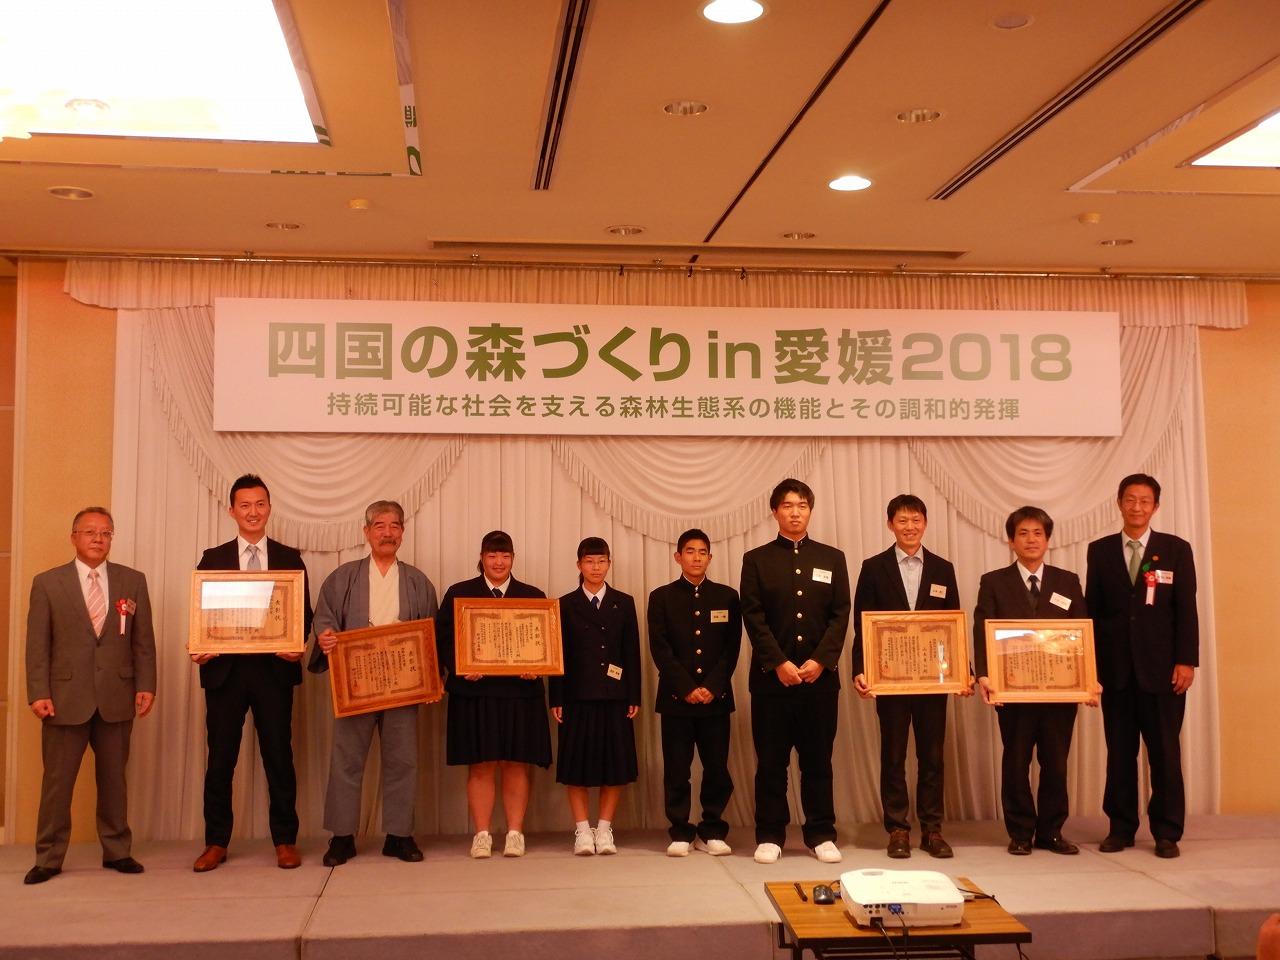 四国山の日賞2018を受賞しました!